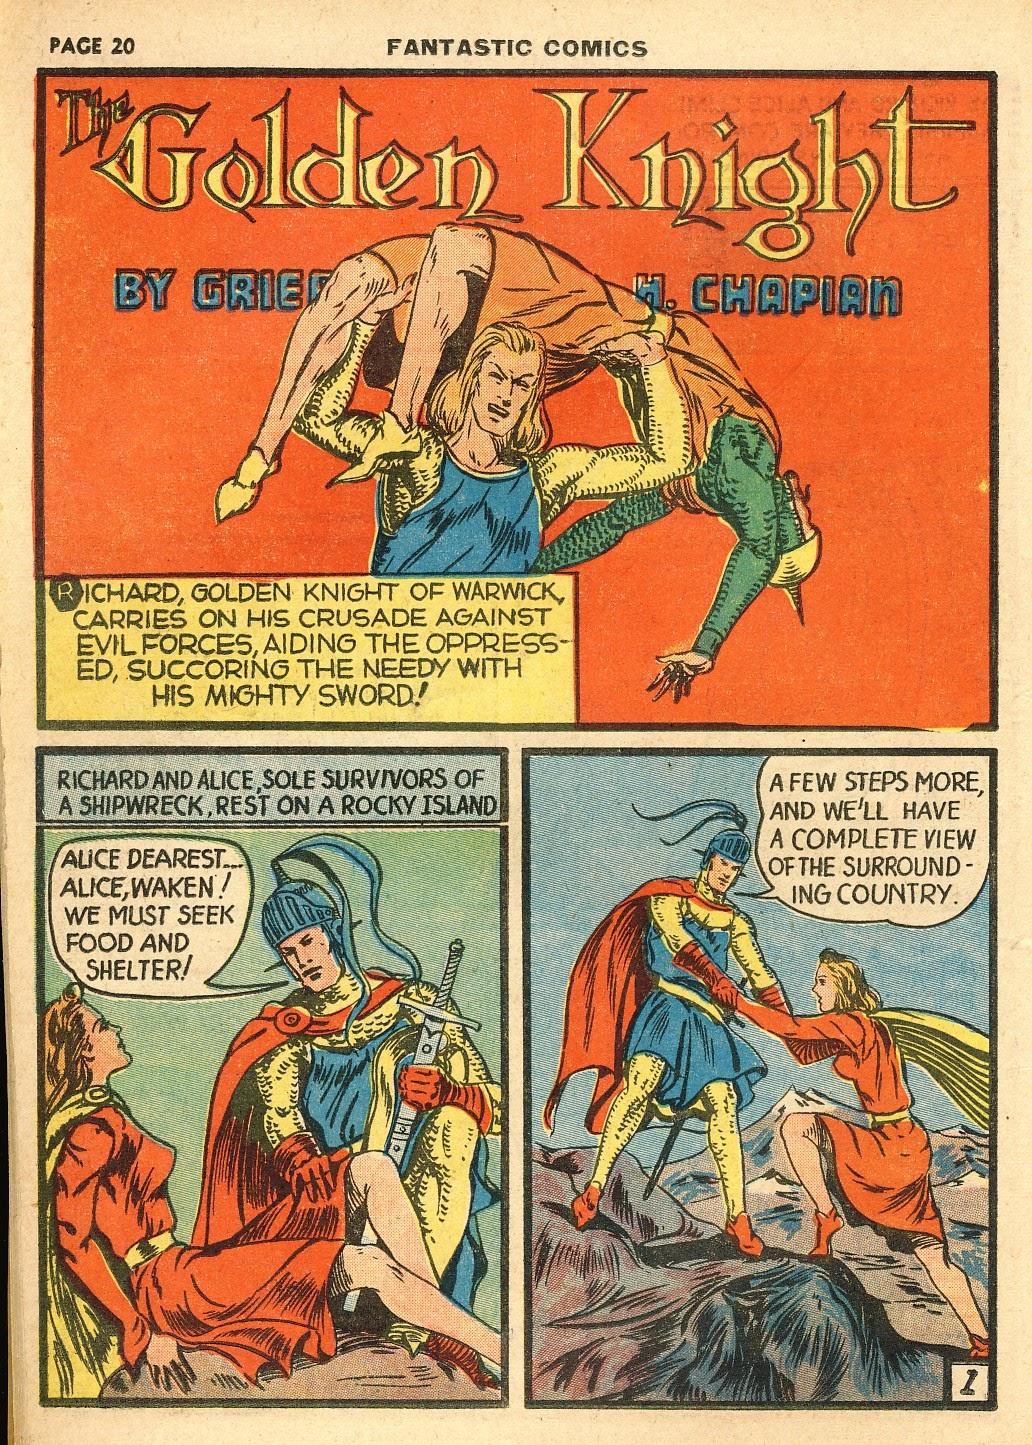 Read online Fantastic Comics comic -  Issue #10 - 21